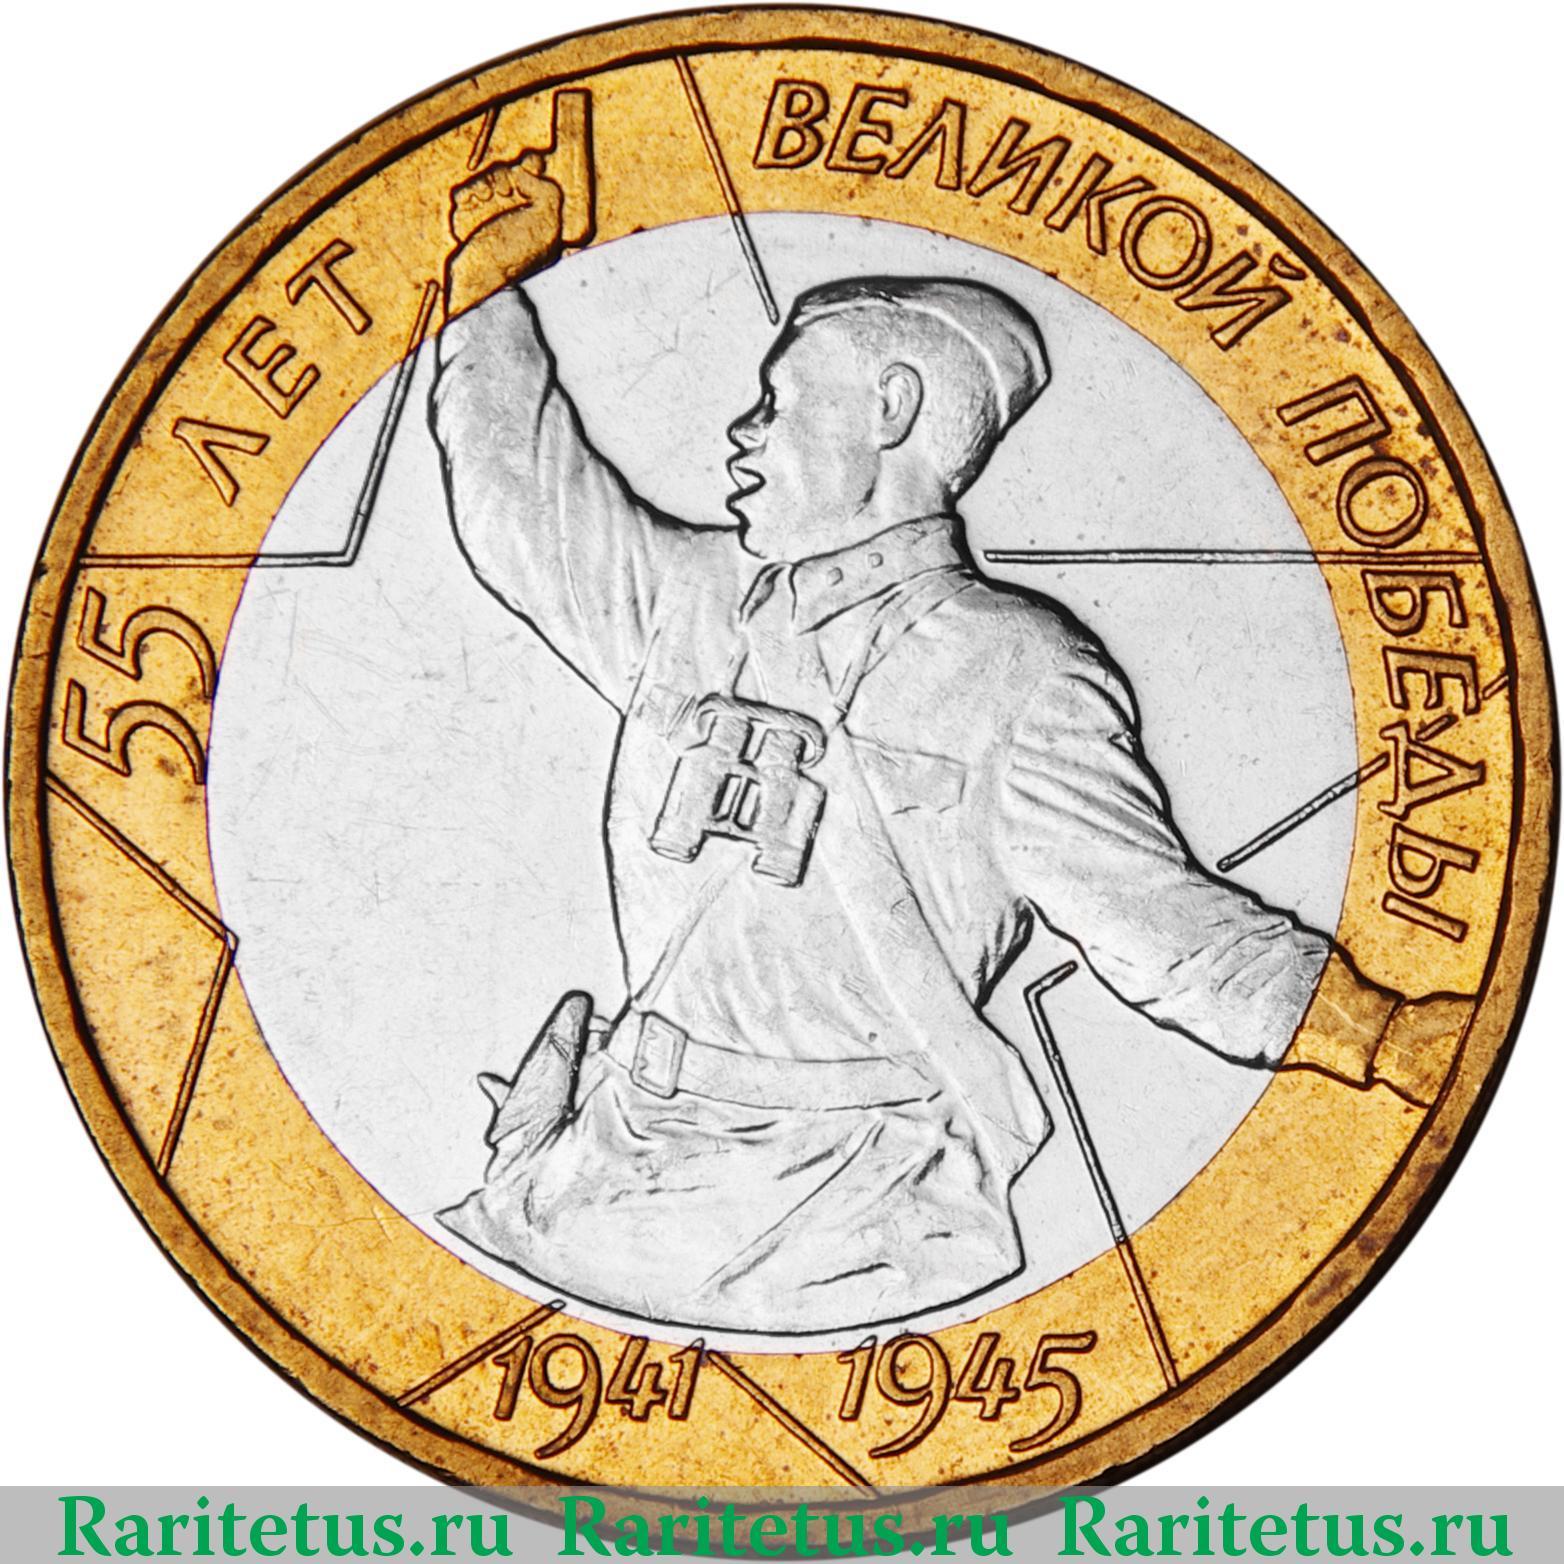 Монета 10 рублей 55 лет победы 2000 скачать книгу монеты россии